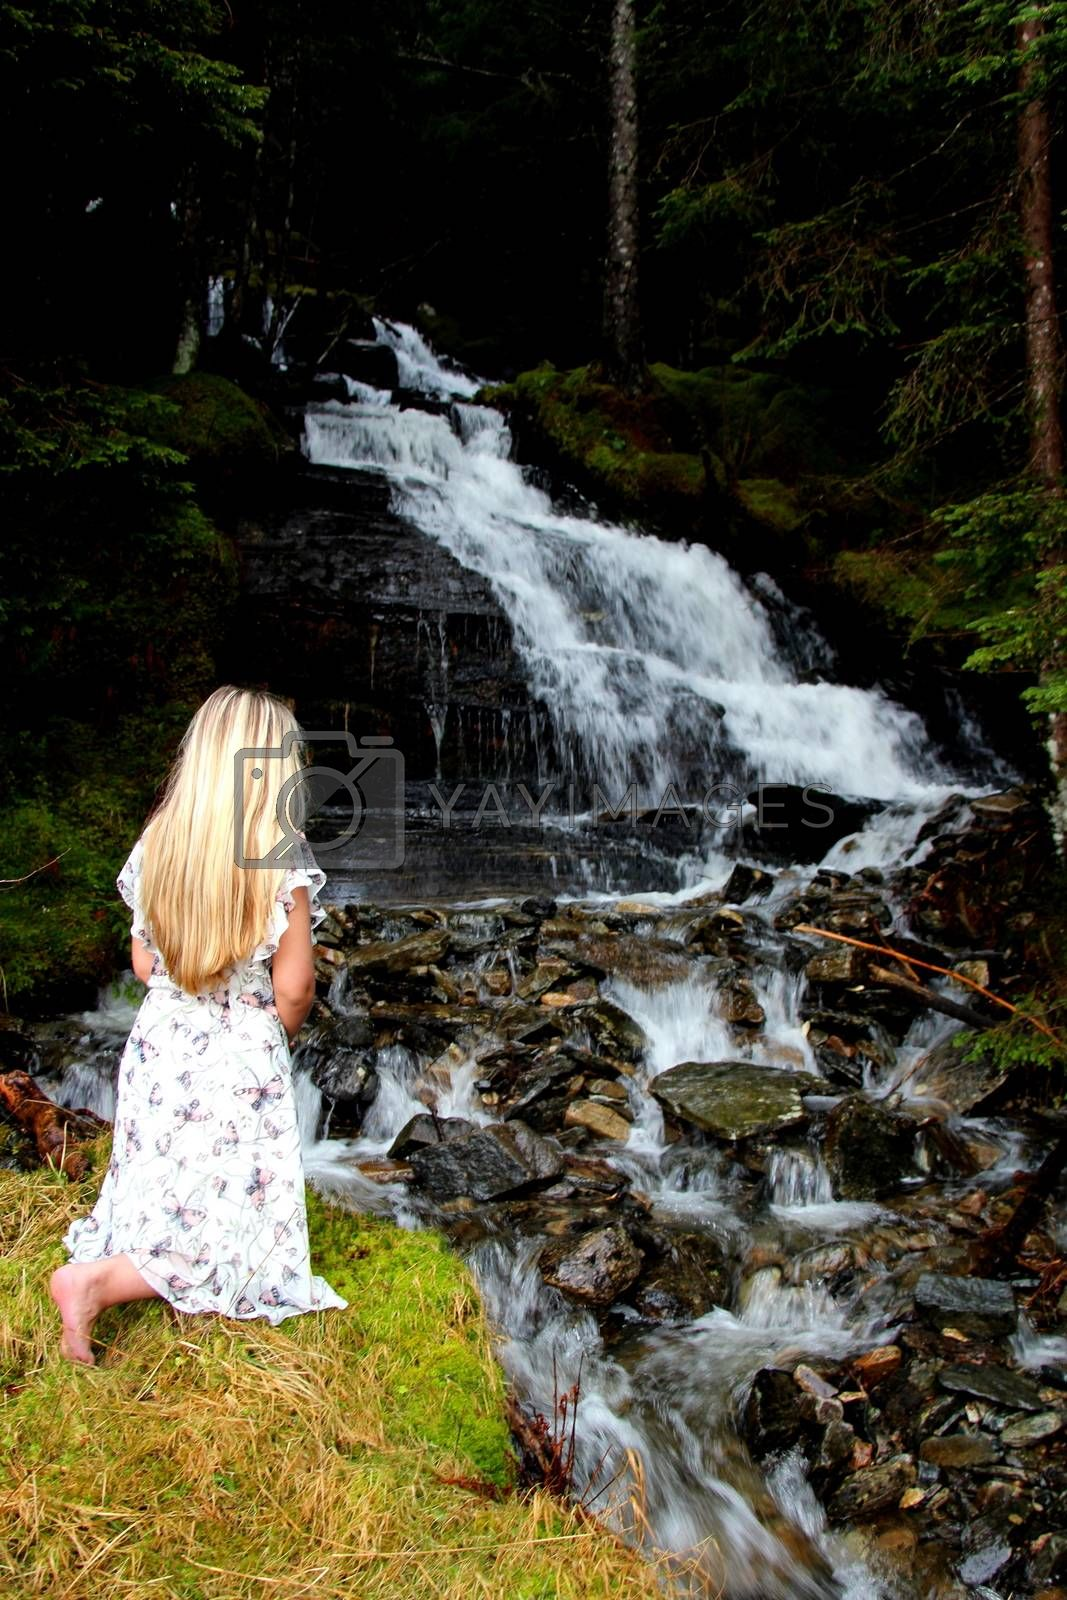 Praying girl sitting at a waterfall